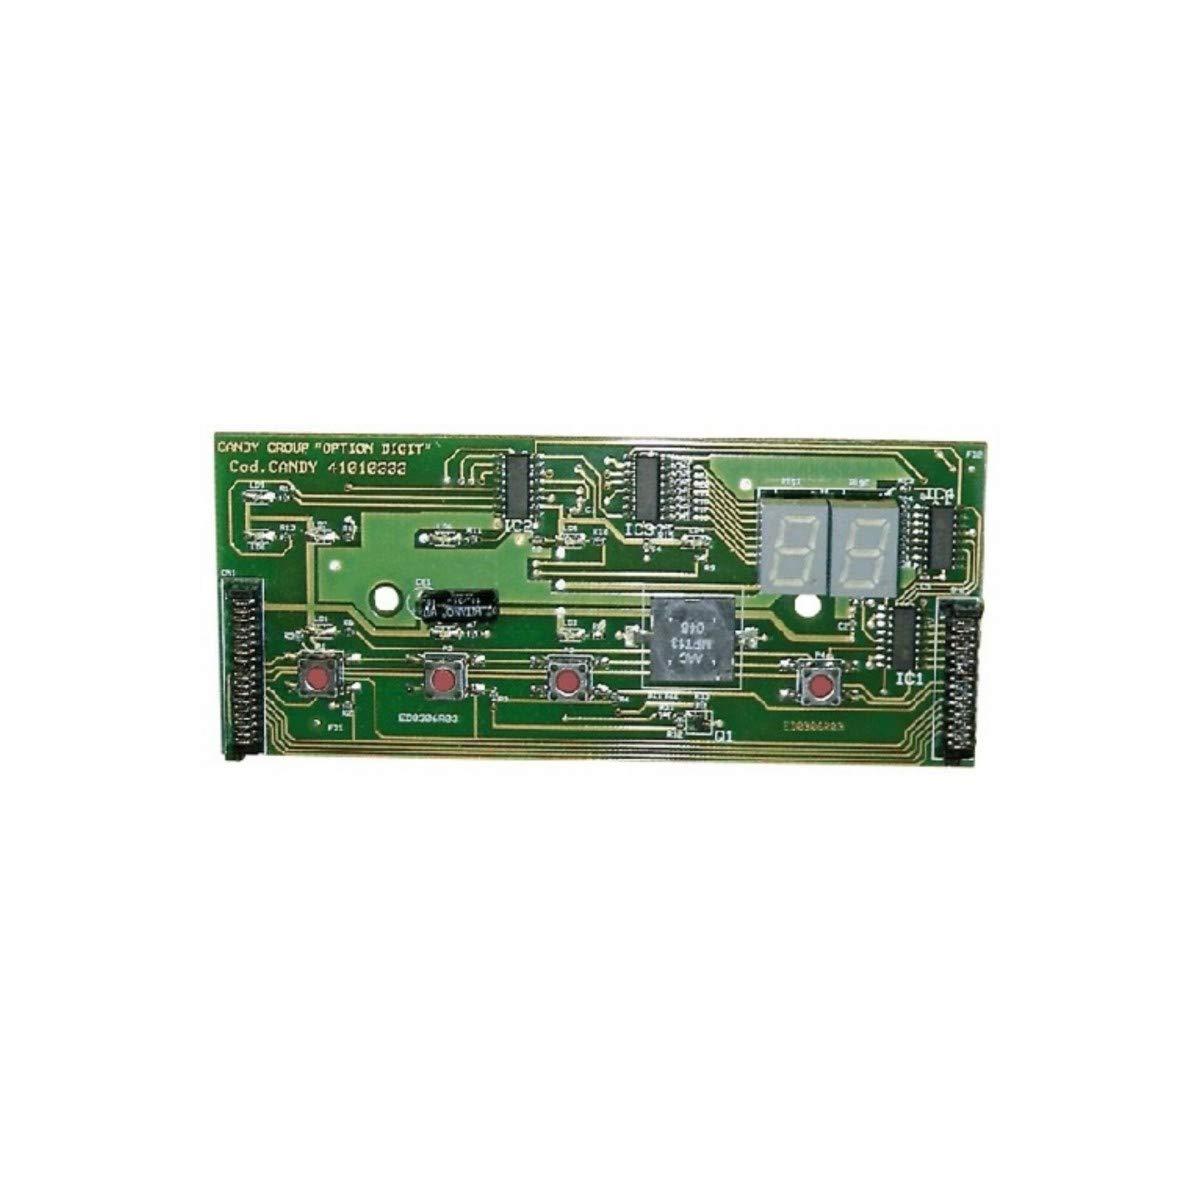 Modulo electronico lavavajillas Candy CDF715T37 41010333: Amazon.es